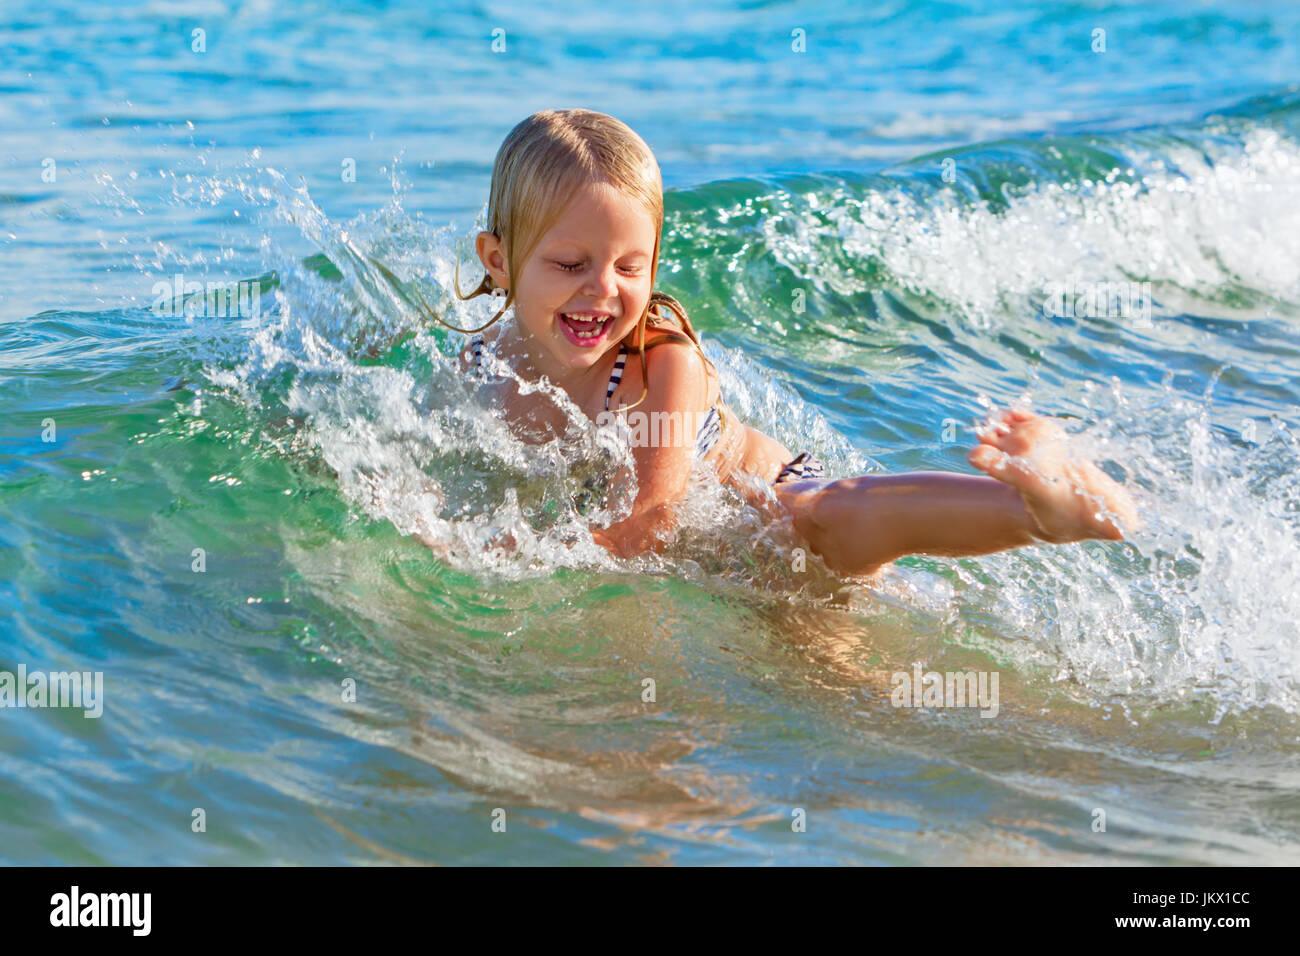 El estilo de vida de familia feliz. Baby Girl salpicaduras y saltar con diversión en Rompiendo las olas. Viajes Imagen De Stock